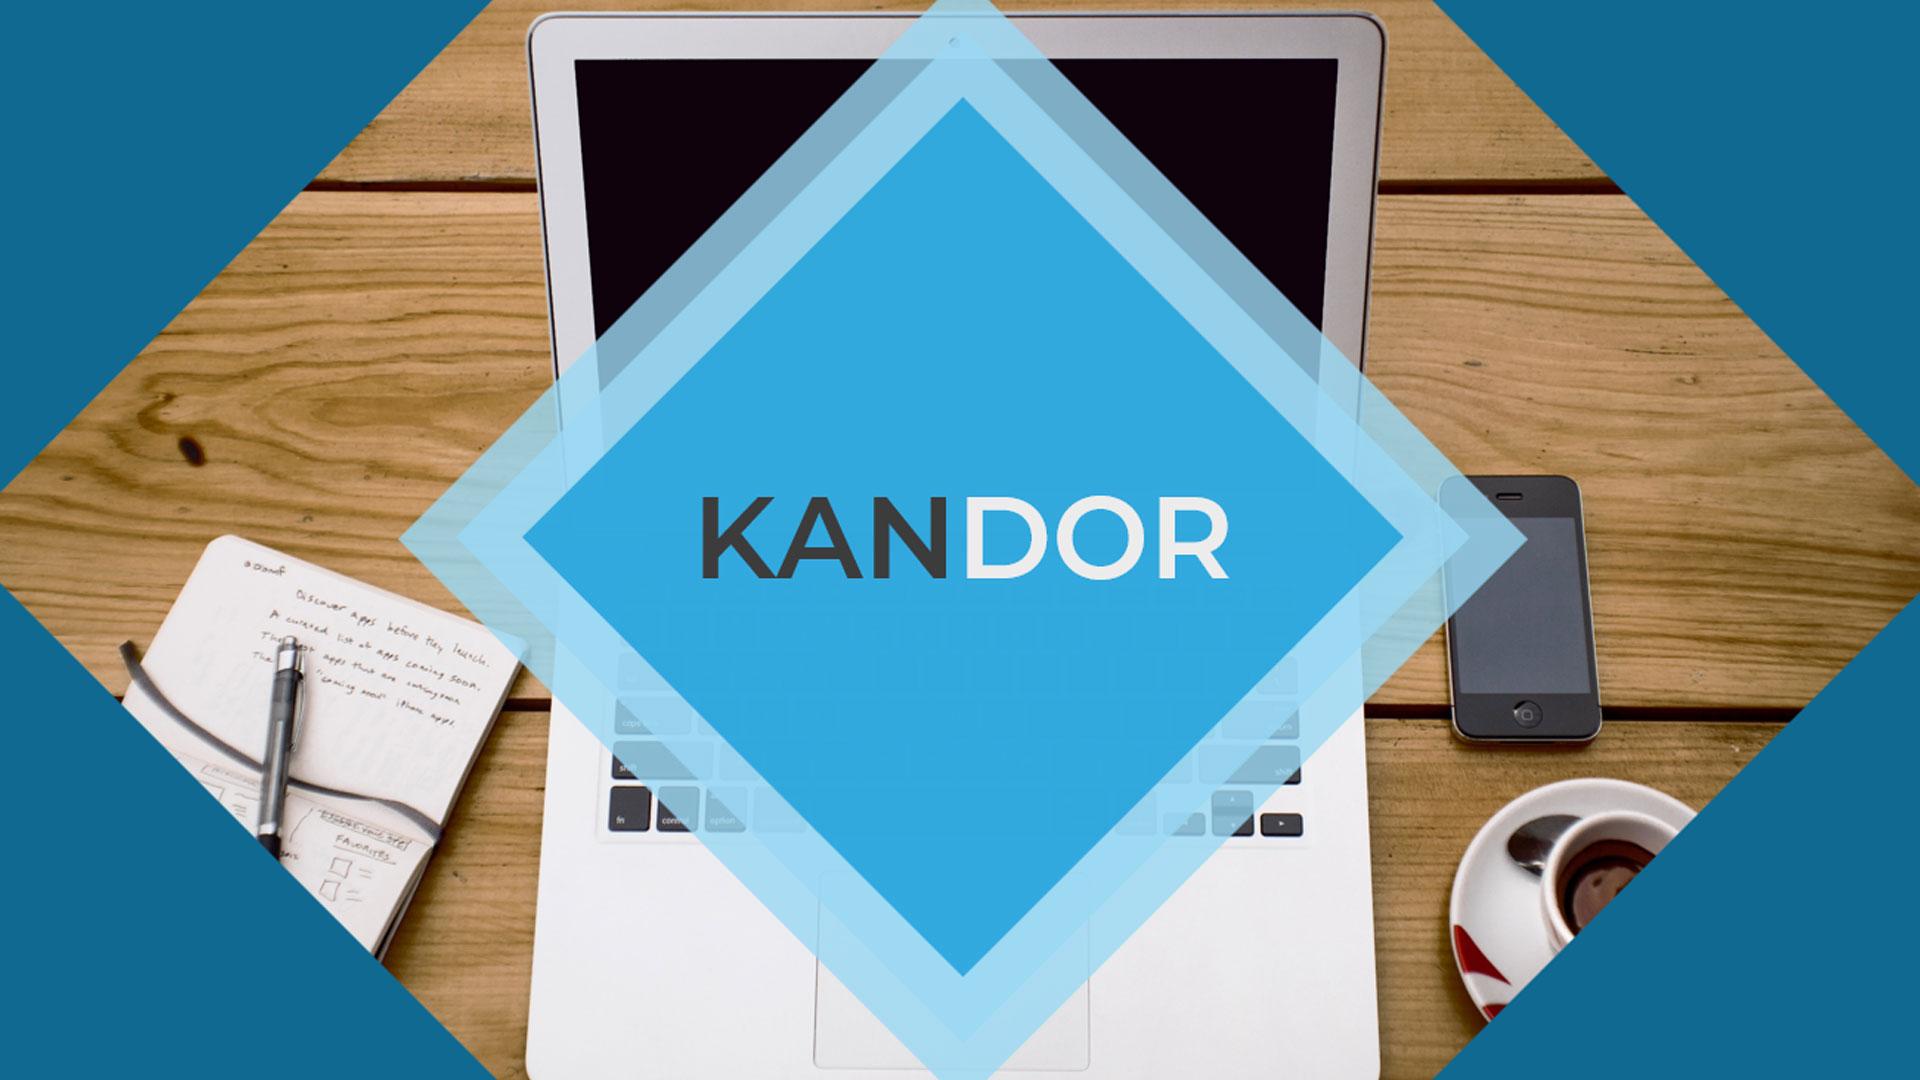 Kondor - Business Modern Template PowerPoint №83912